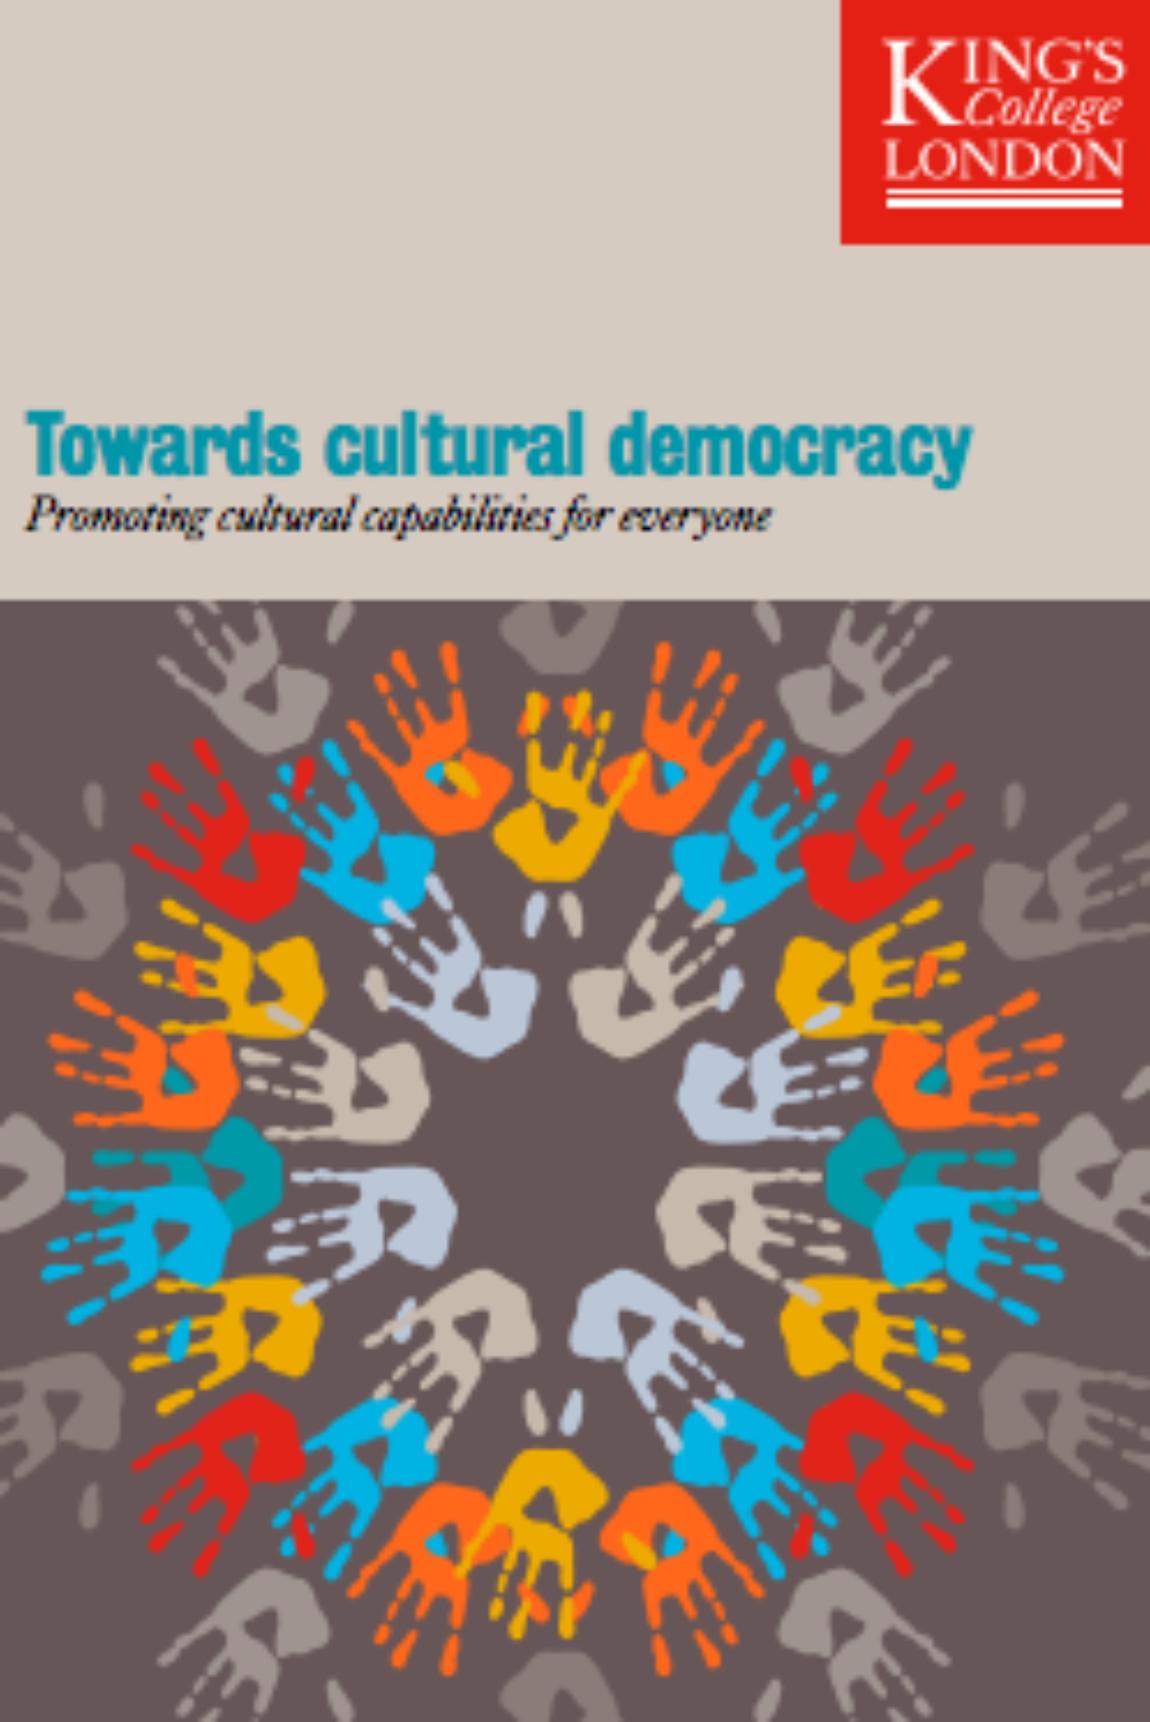 Νέα μελέτη : «Towards cultural democracy: Promoting cultural capabilities for everyone»